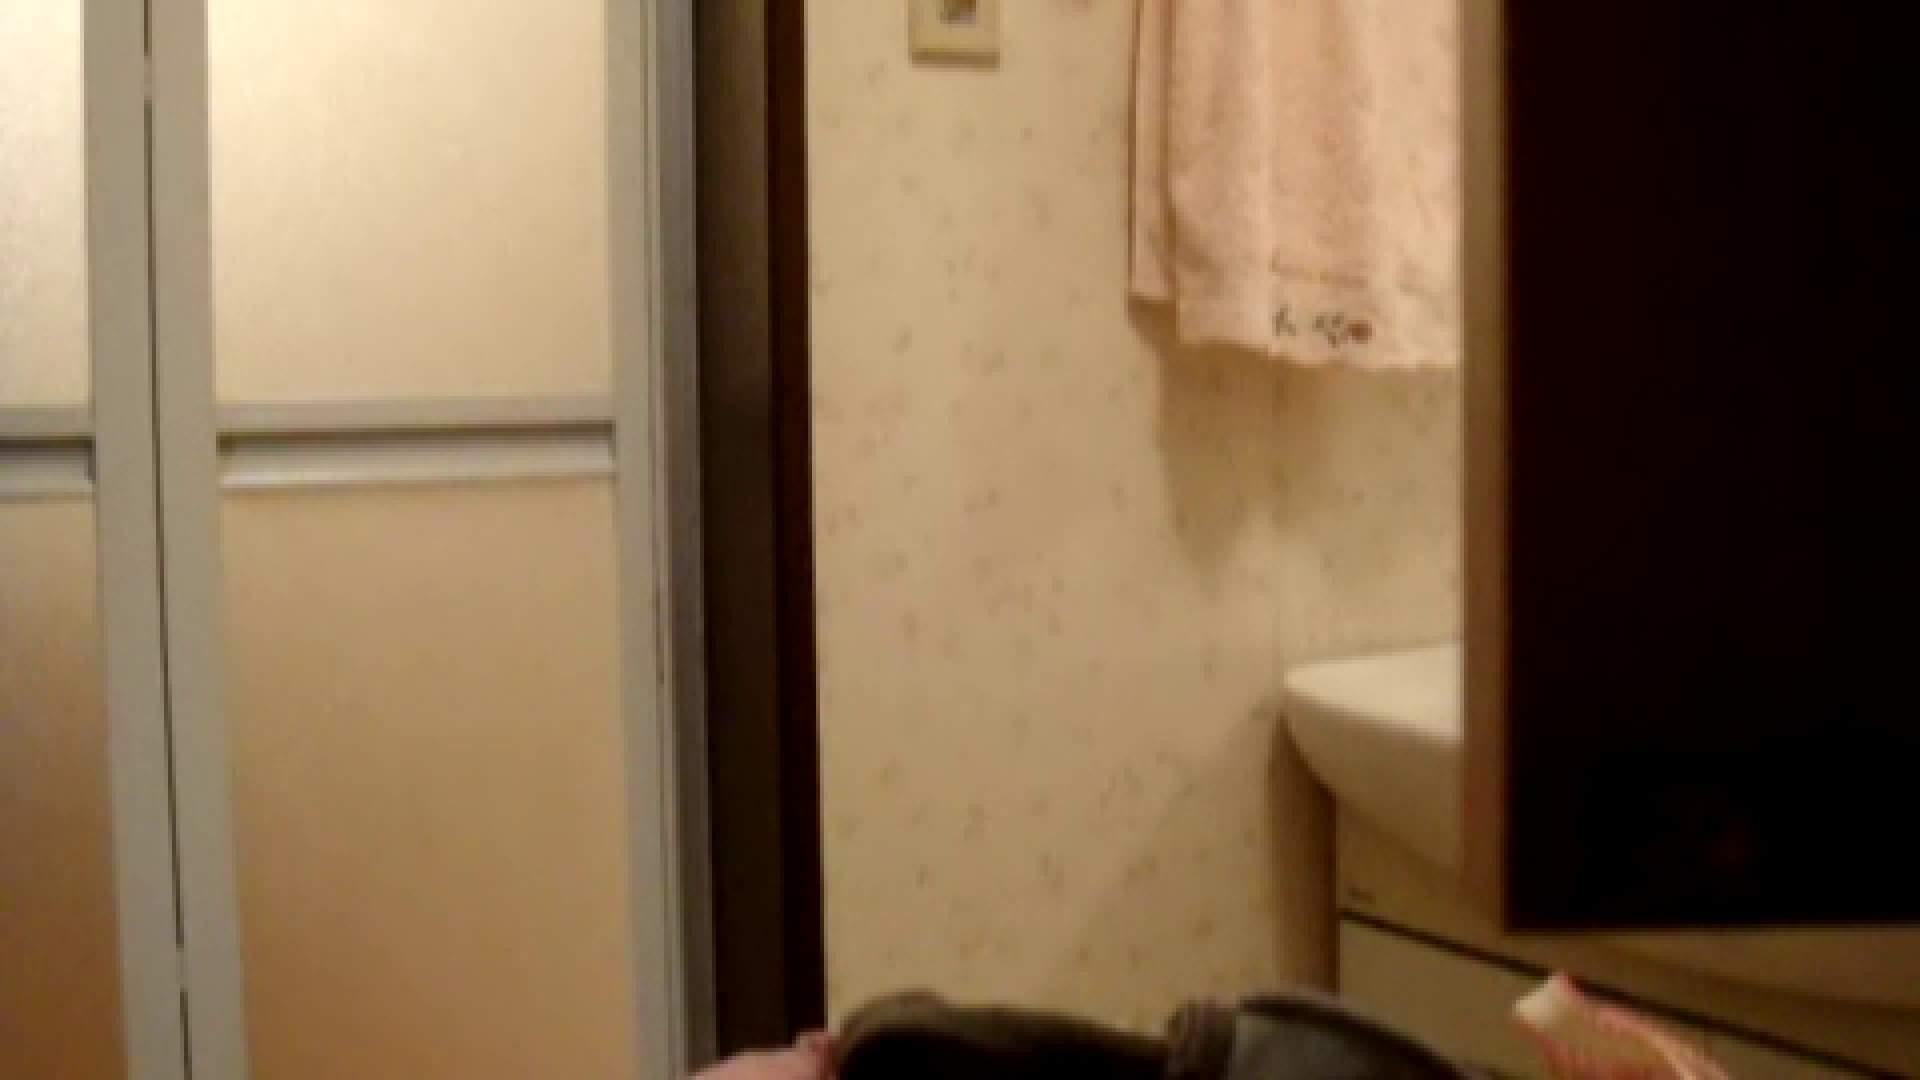 二人とも育てた甲斐がありました… vol.08 まどかの入浴中にカメラに気付いたか!? OLのエロ生活   ギャル入浴  71連発 53